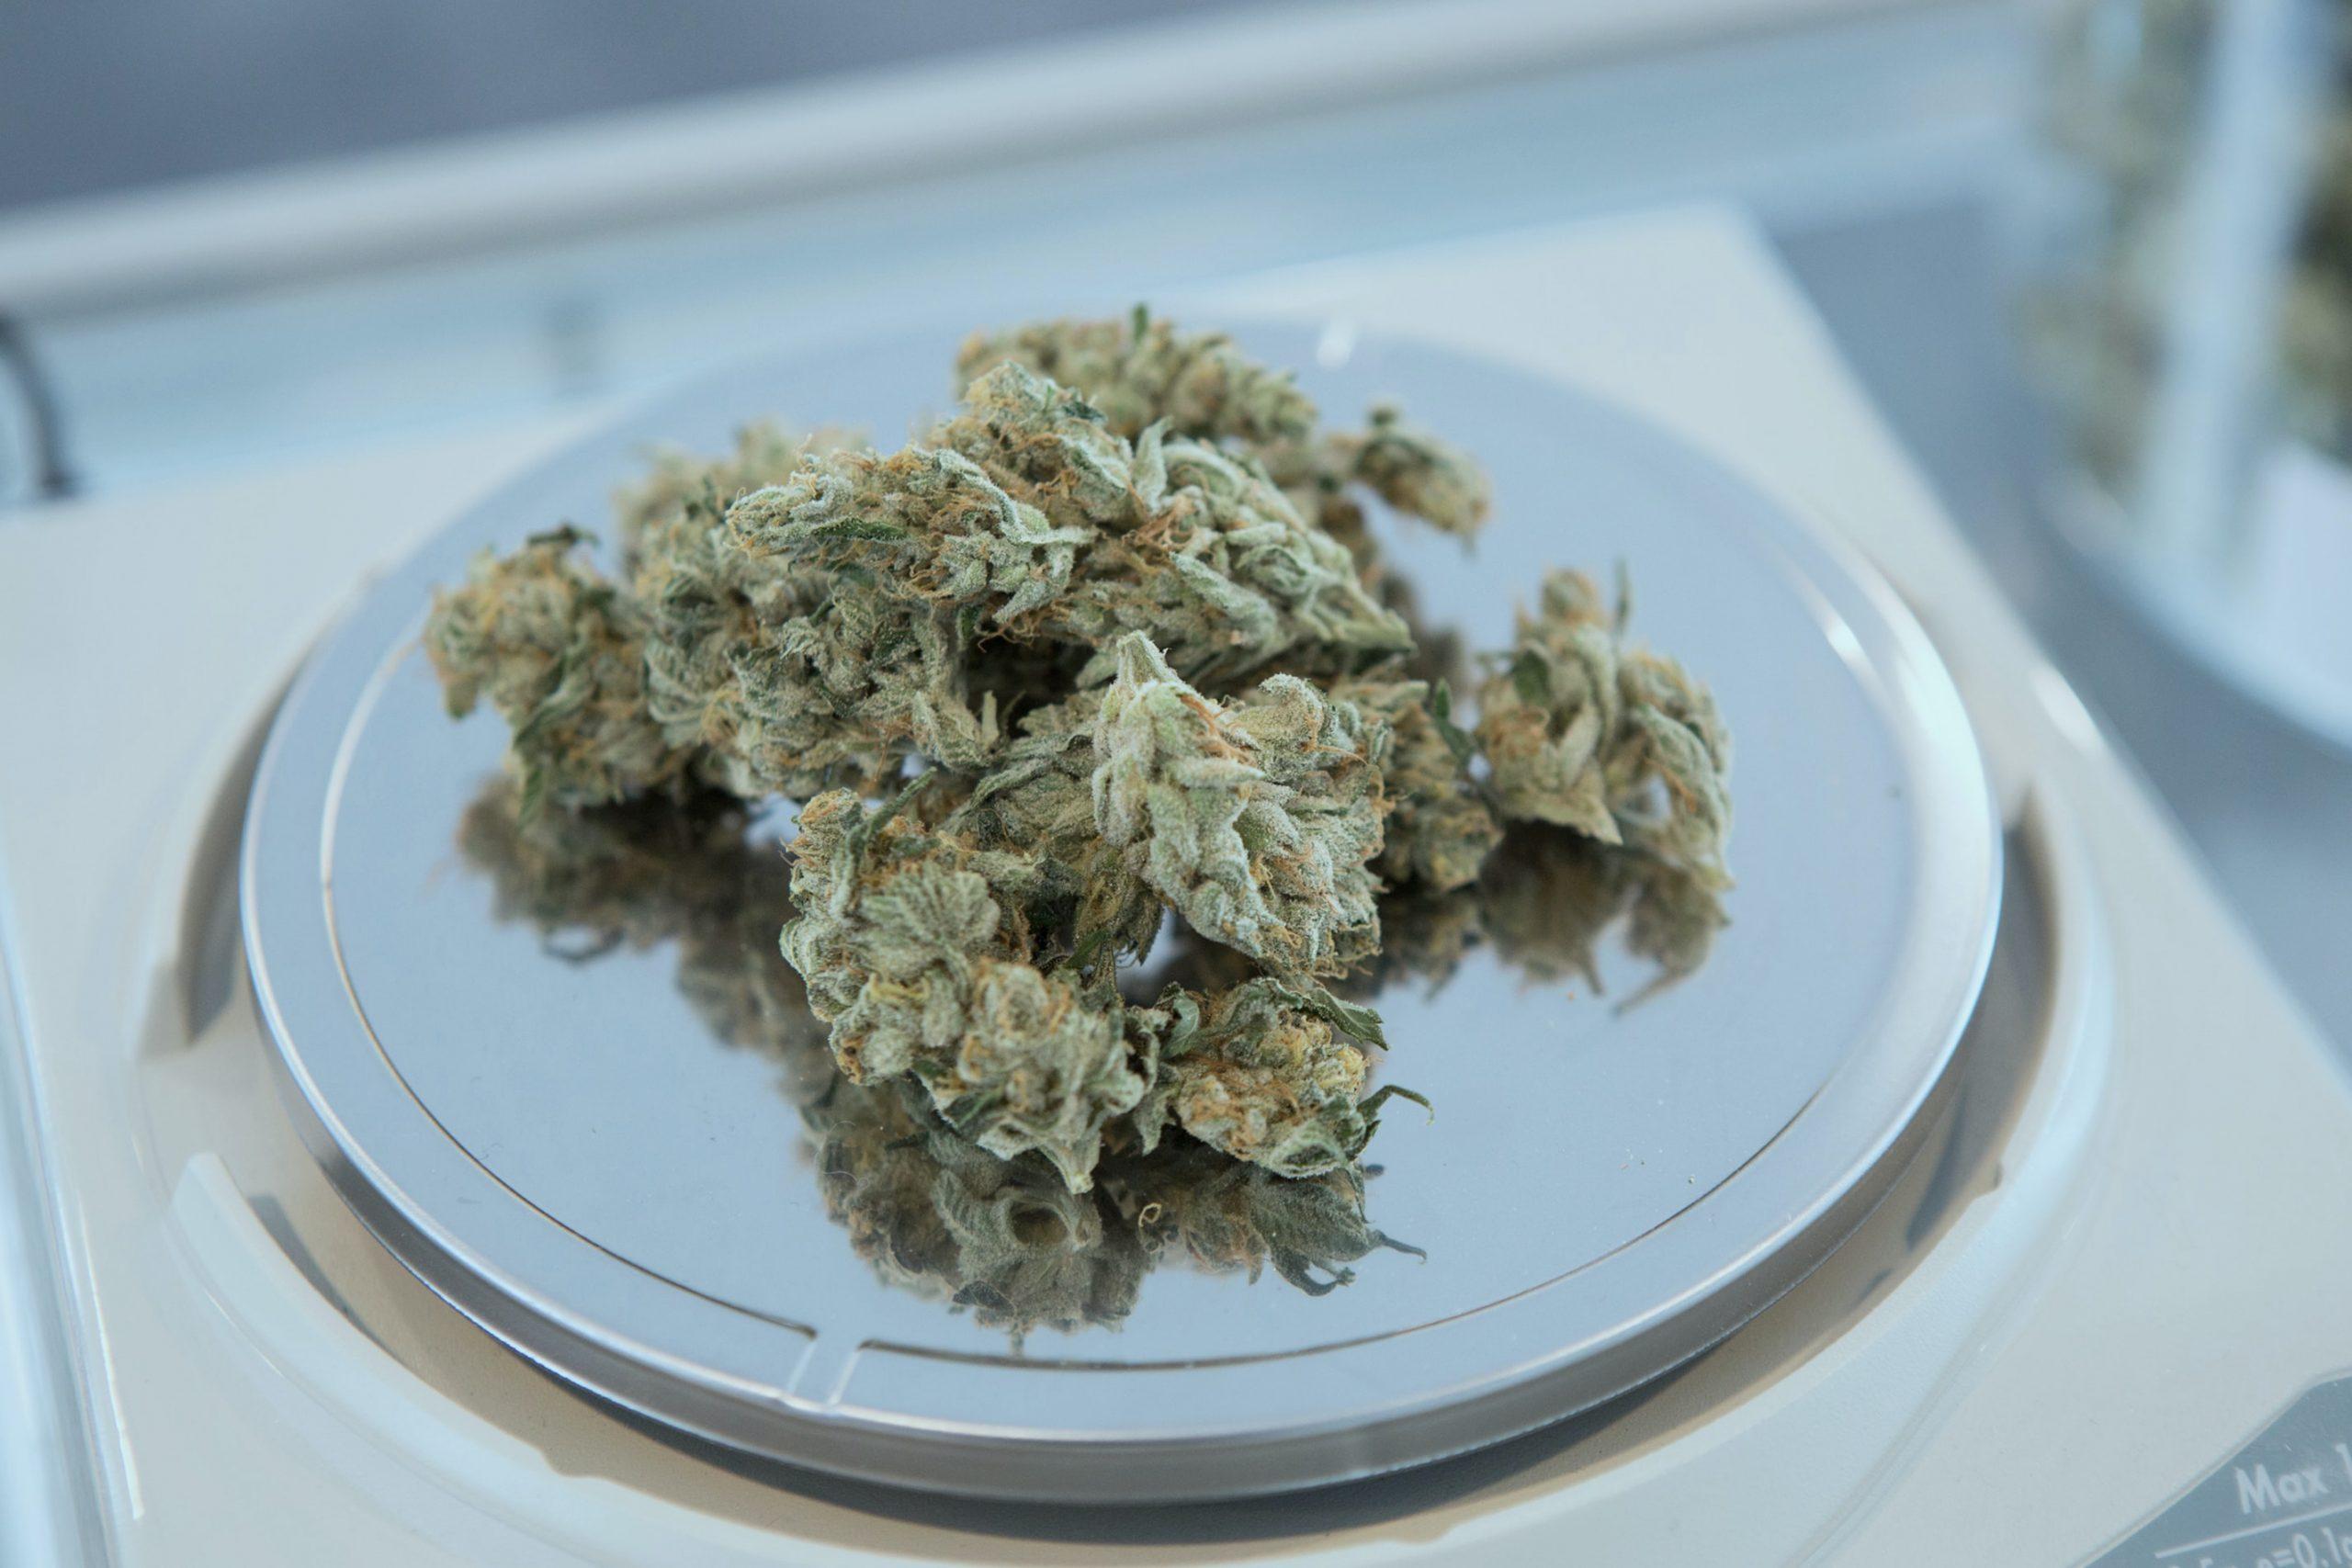 cannabis covid-19 treatment